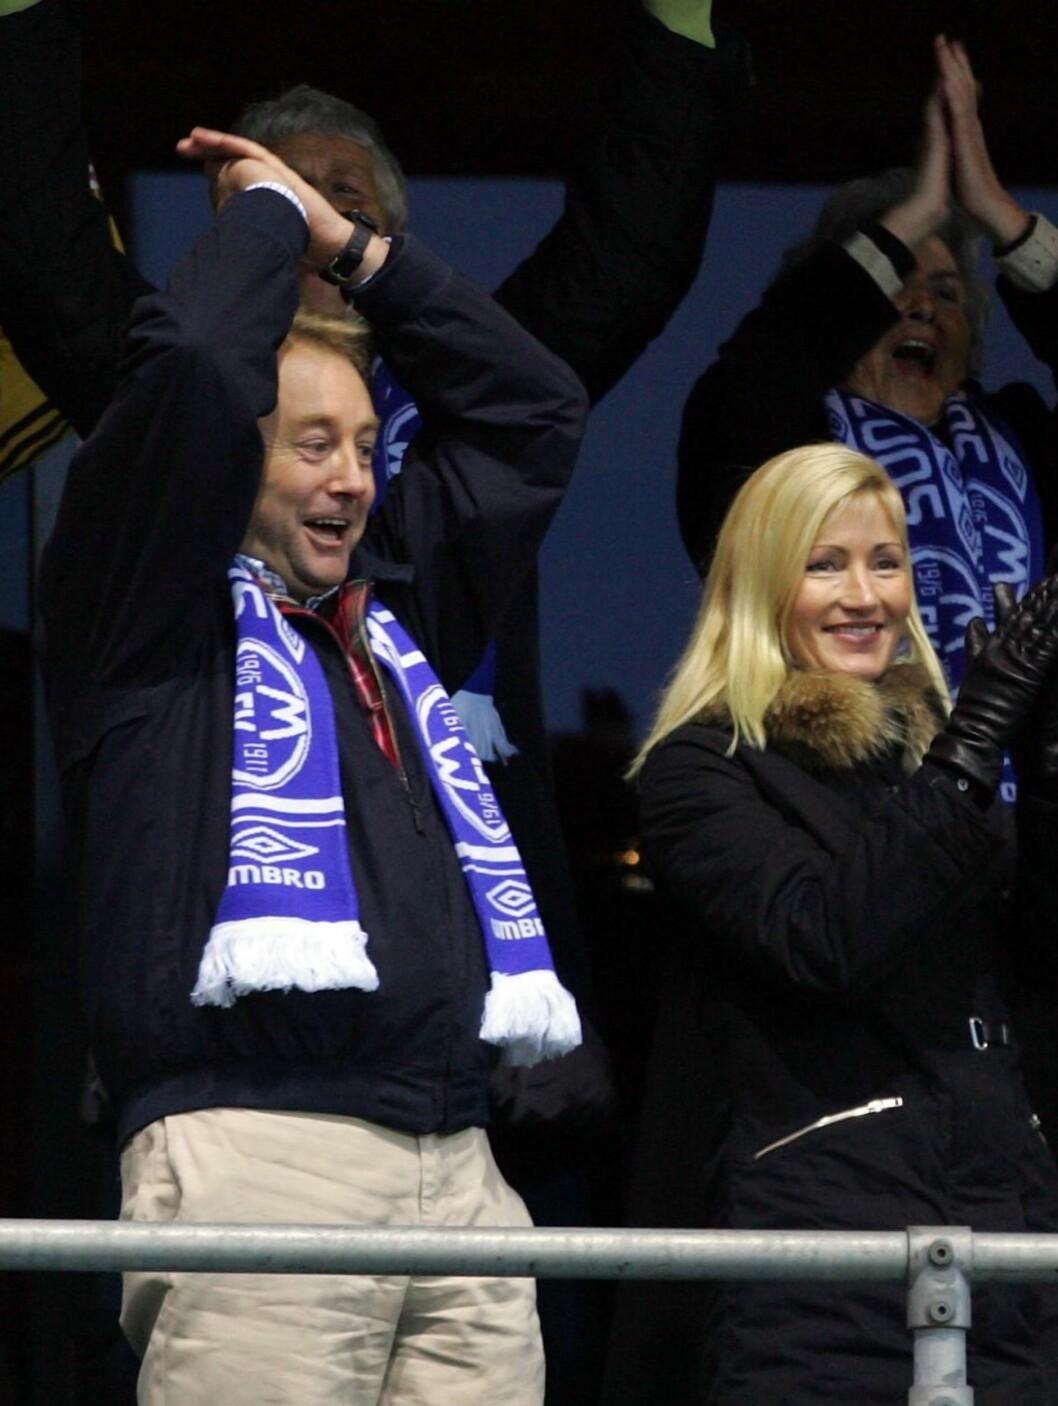 PAR 4: Både Kjell Inge Røkke og hans kone Anne Grete Eidsvig liker å trene, og de to har ved flere anledninger blitt observert joggende sammen.  Foto: SCANPIX